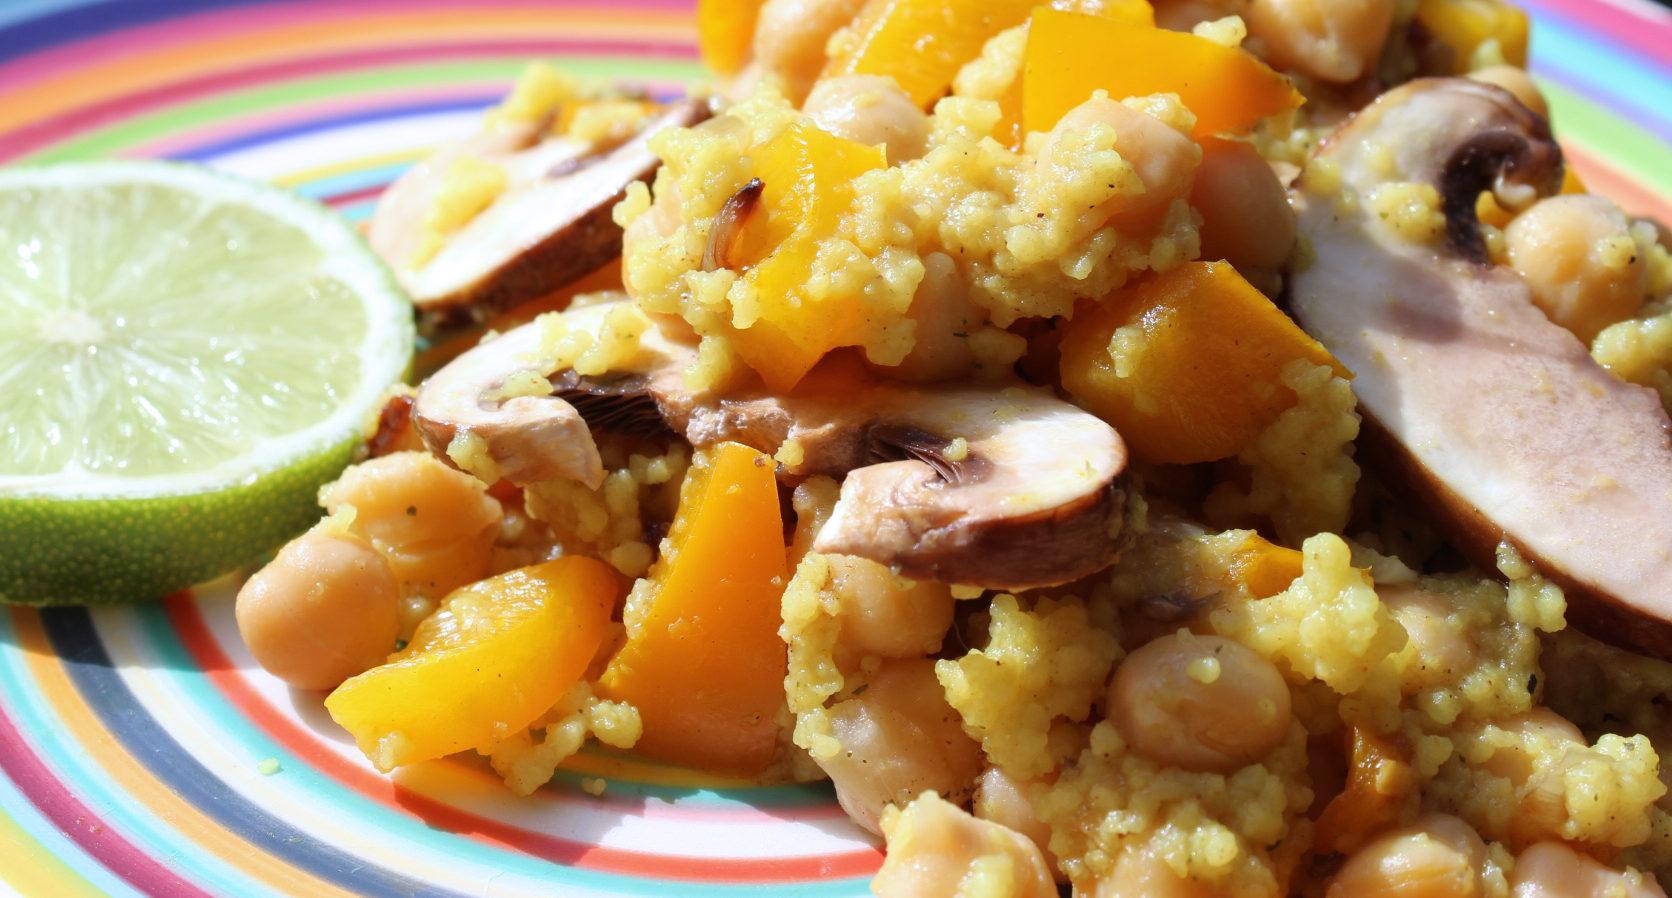 Der Kicherbsen-Couscous-Salat schmeckt warm und kalt. Bilder auf dieser Seite: Hannah Lena Puschnig